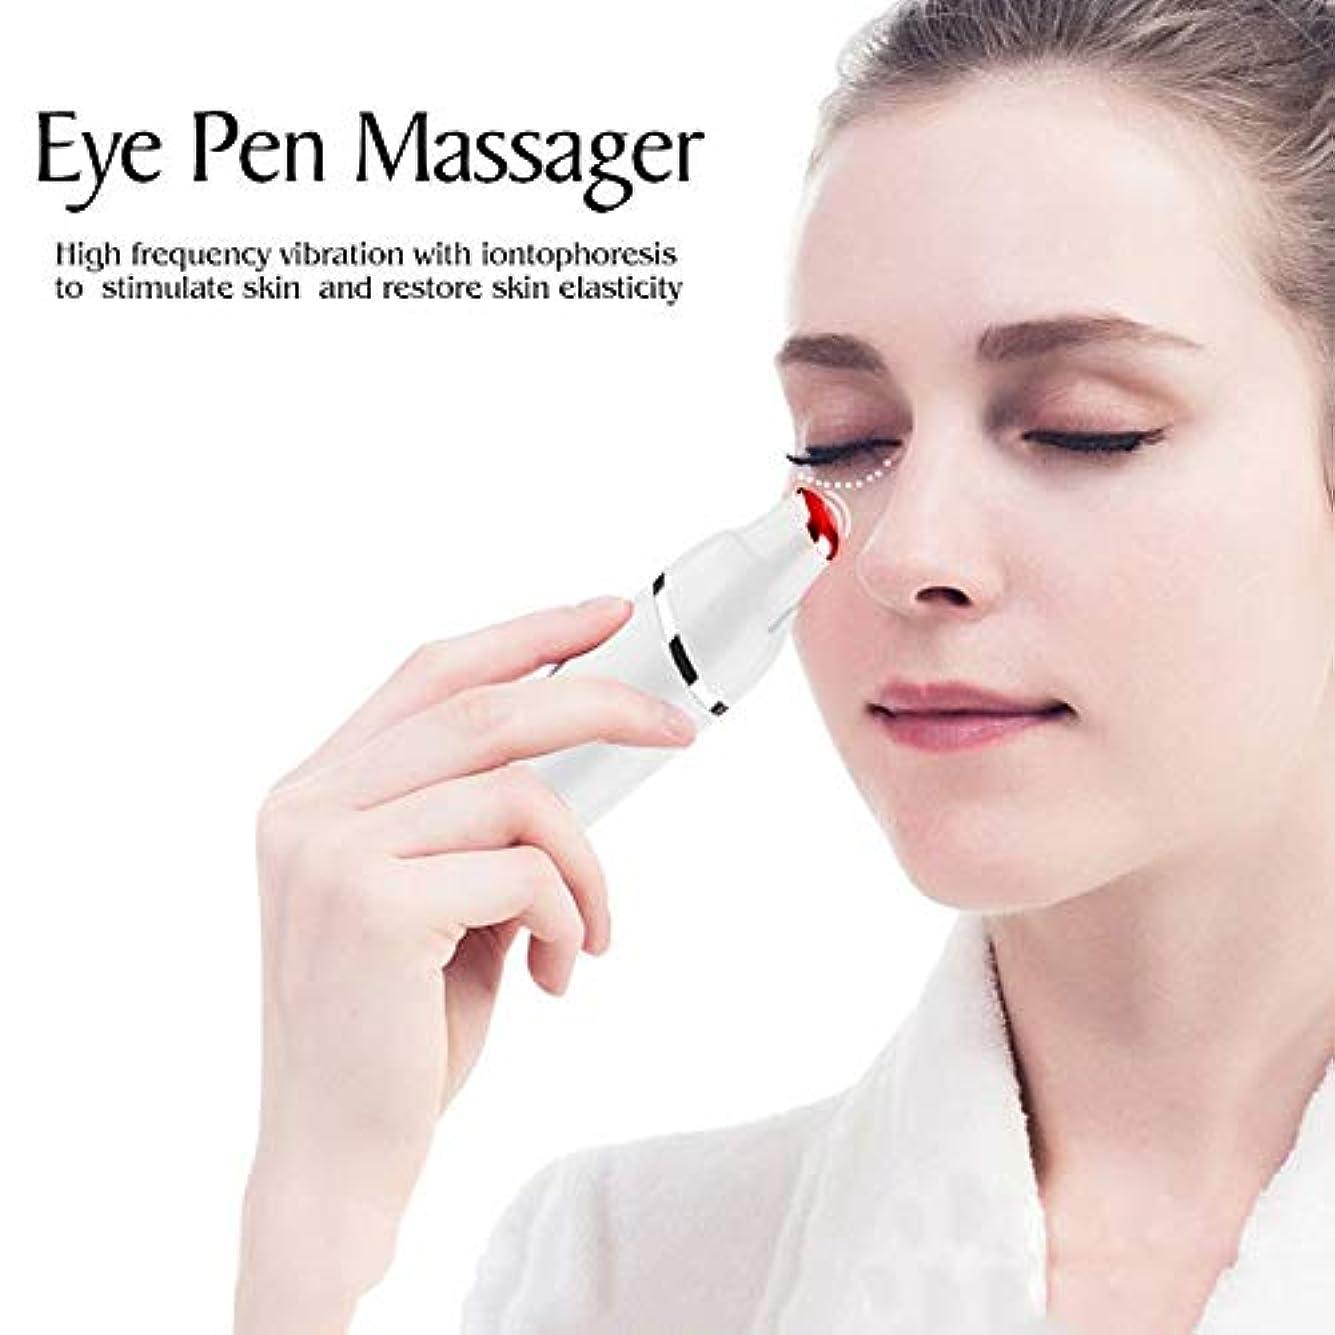 ビジョンカテゴリー代替案ソニックアイマッサージャー、目の疲れのための42℃加熱治療用ワンド、アイクリームを効果的に促進するためのアニオンの輸入